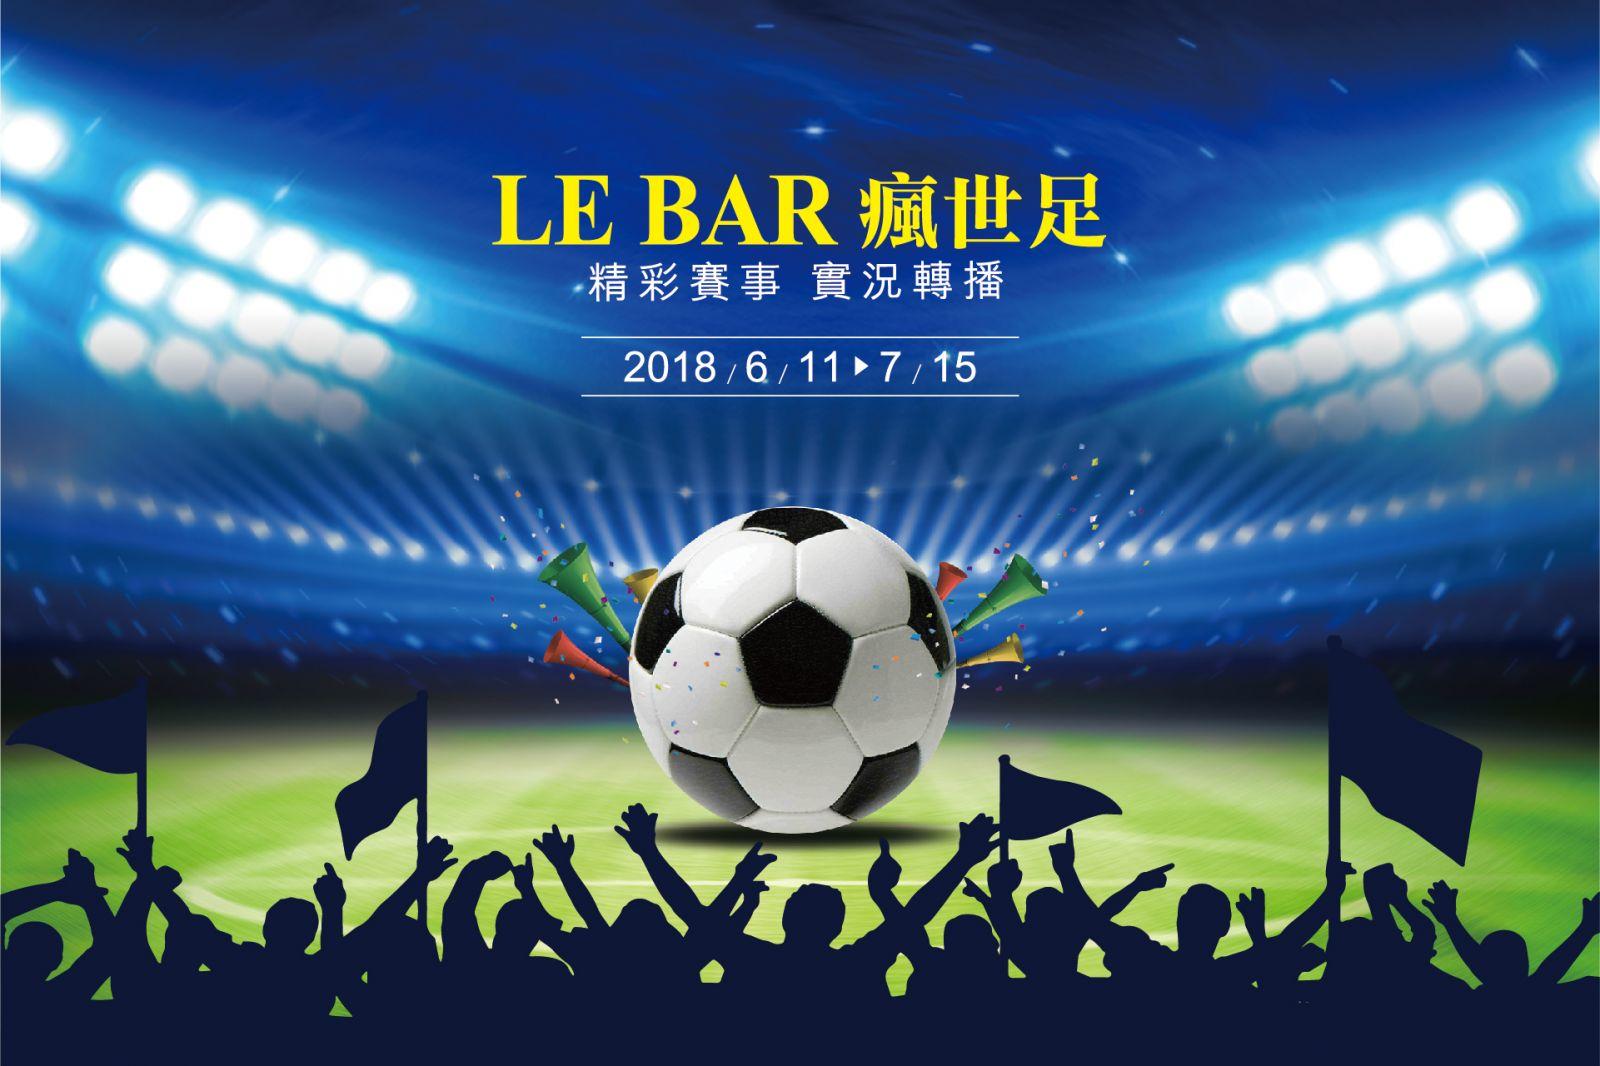 【Le Bar瘋世足】